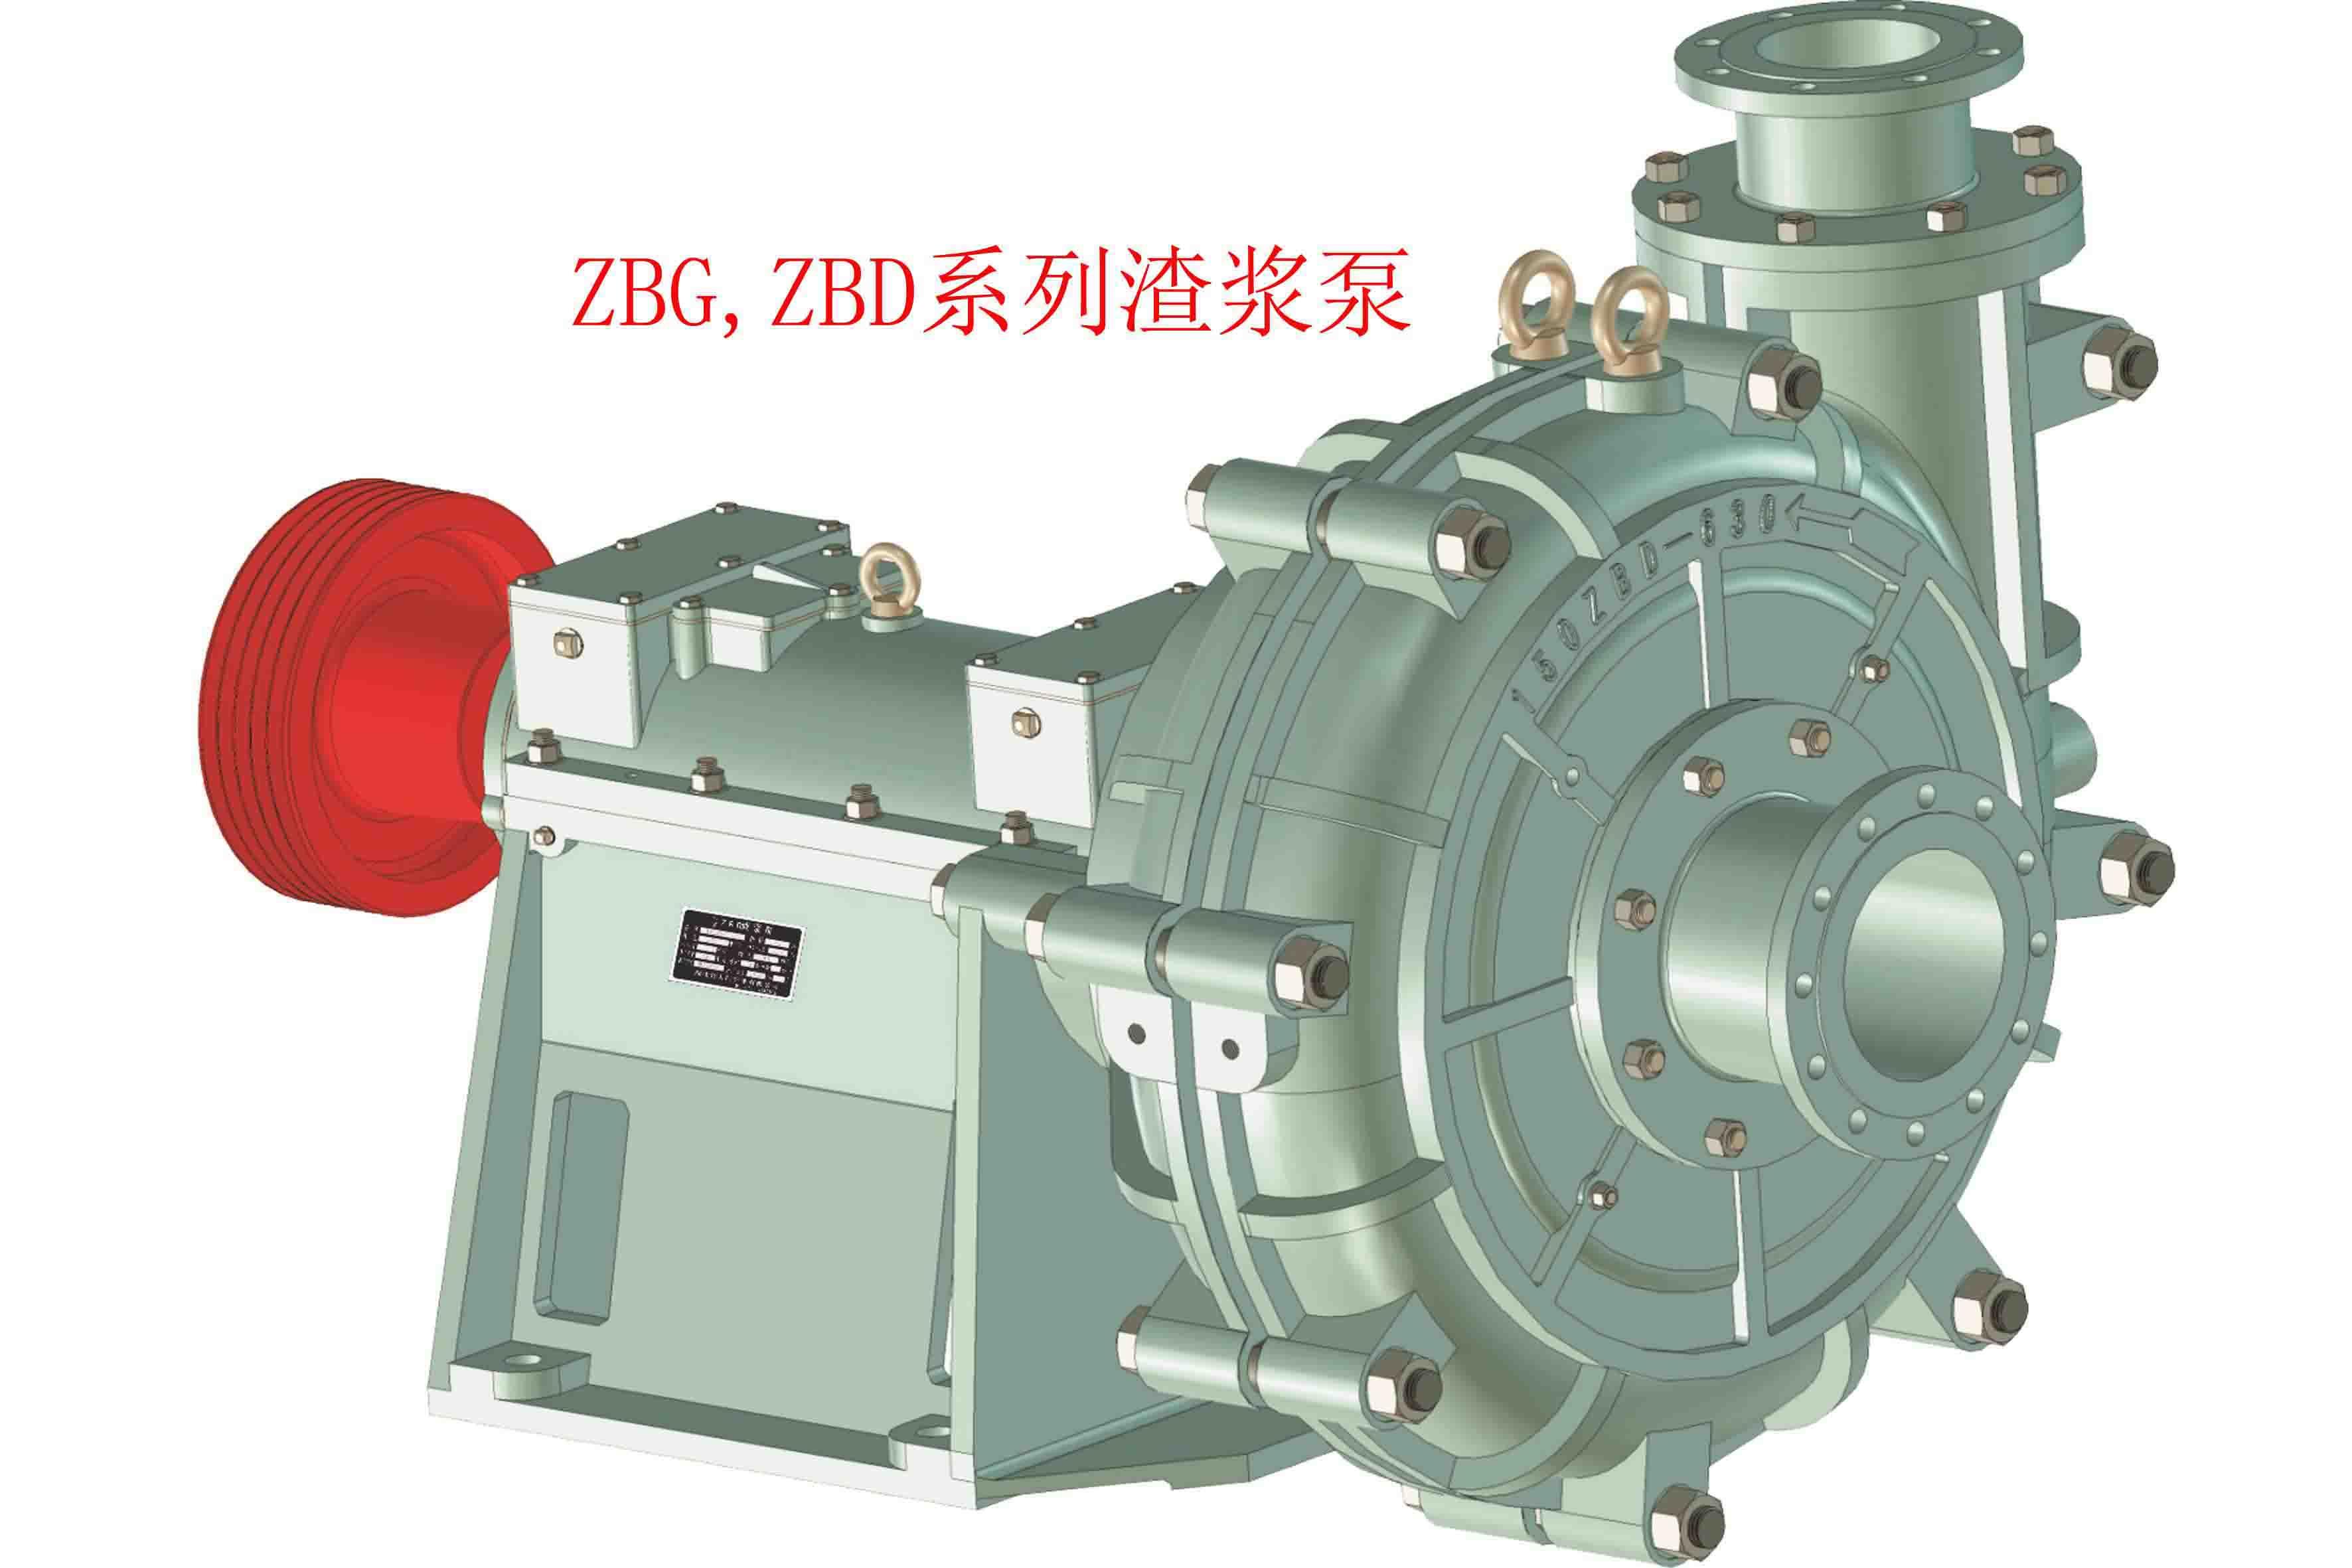 ZBG,ZBD系列渣浆泵